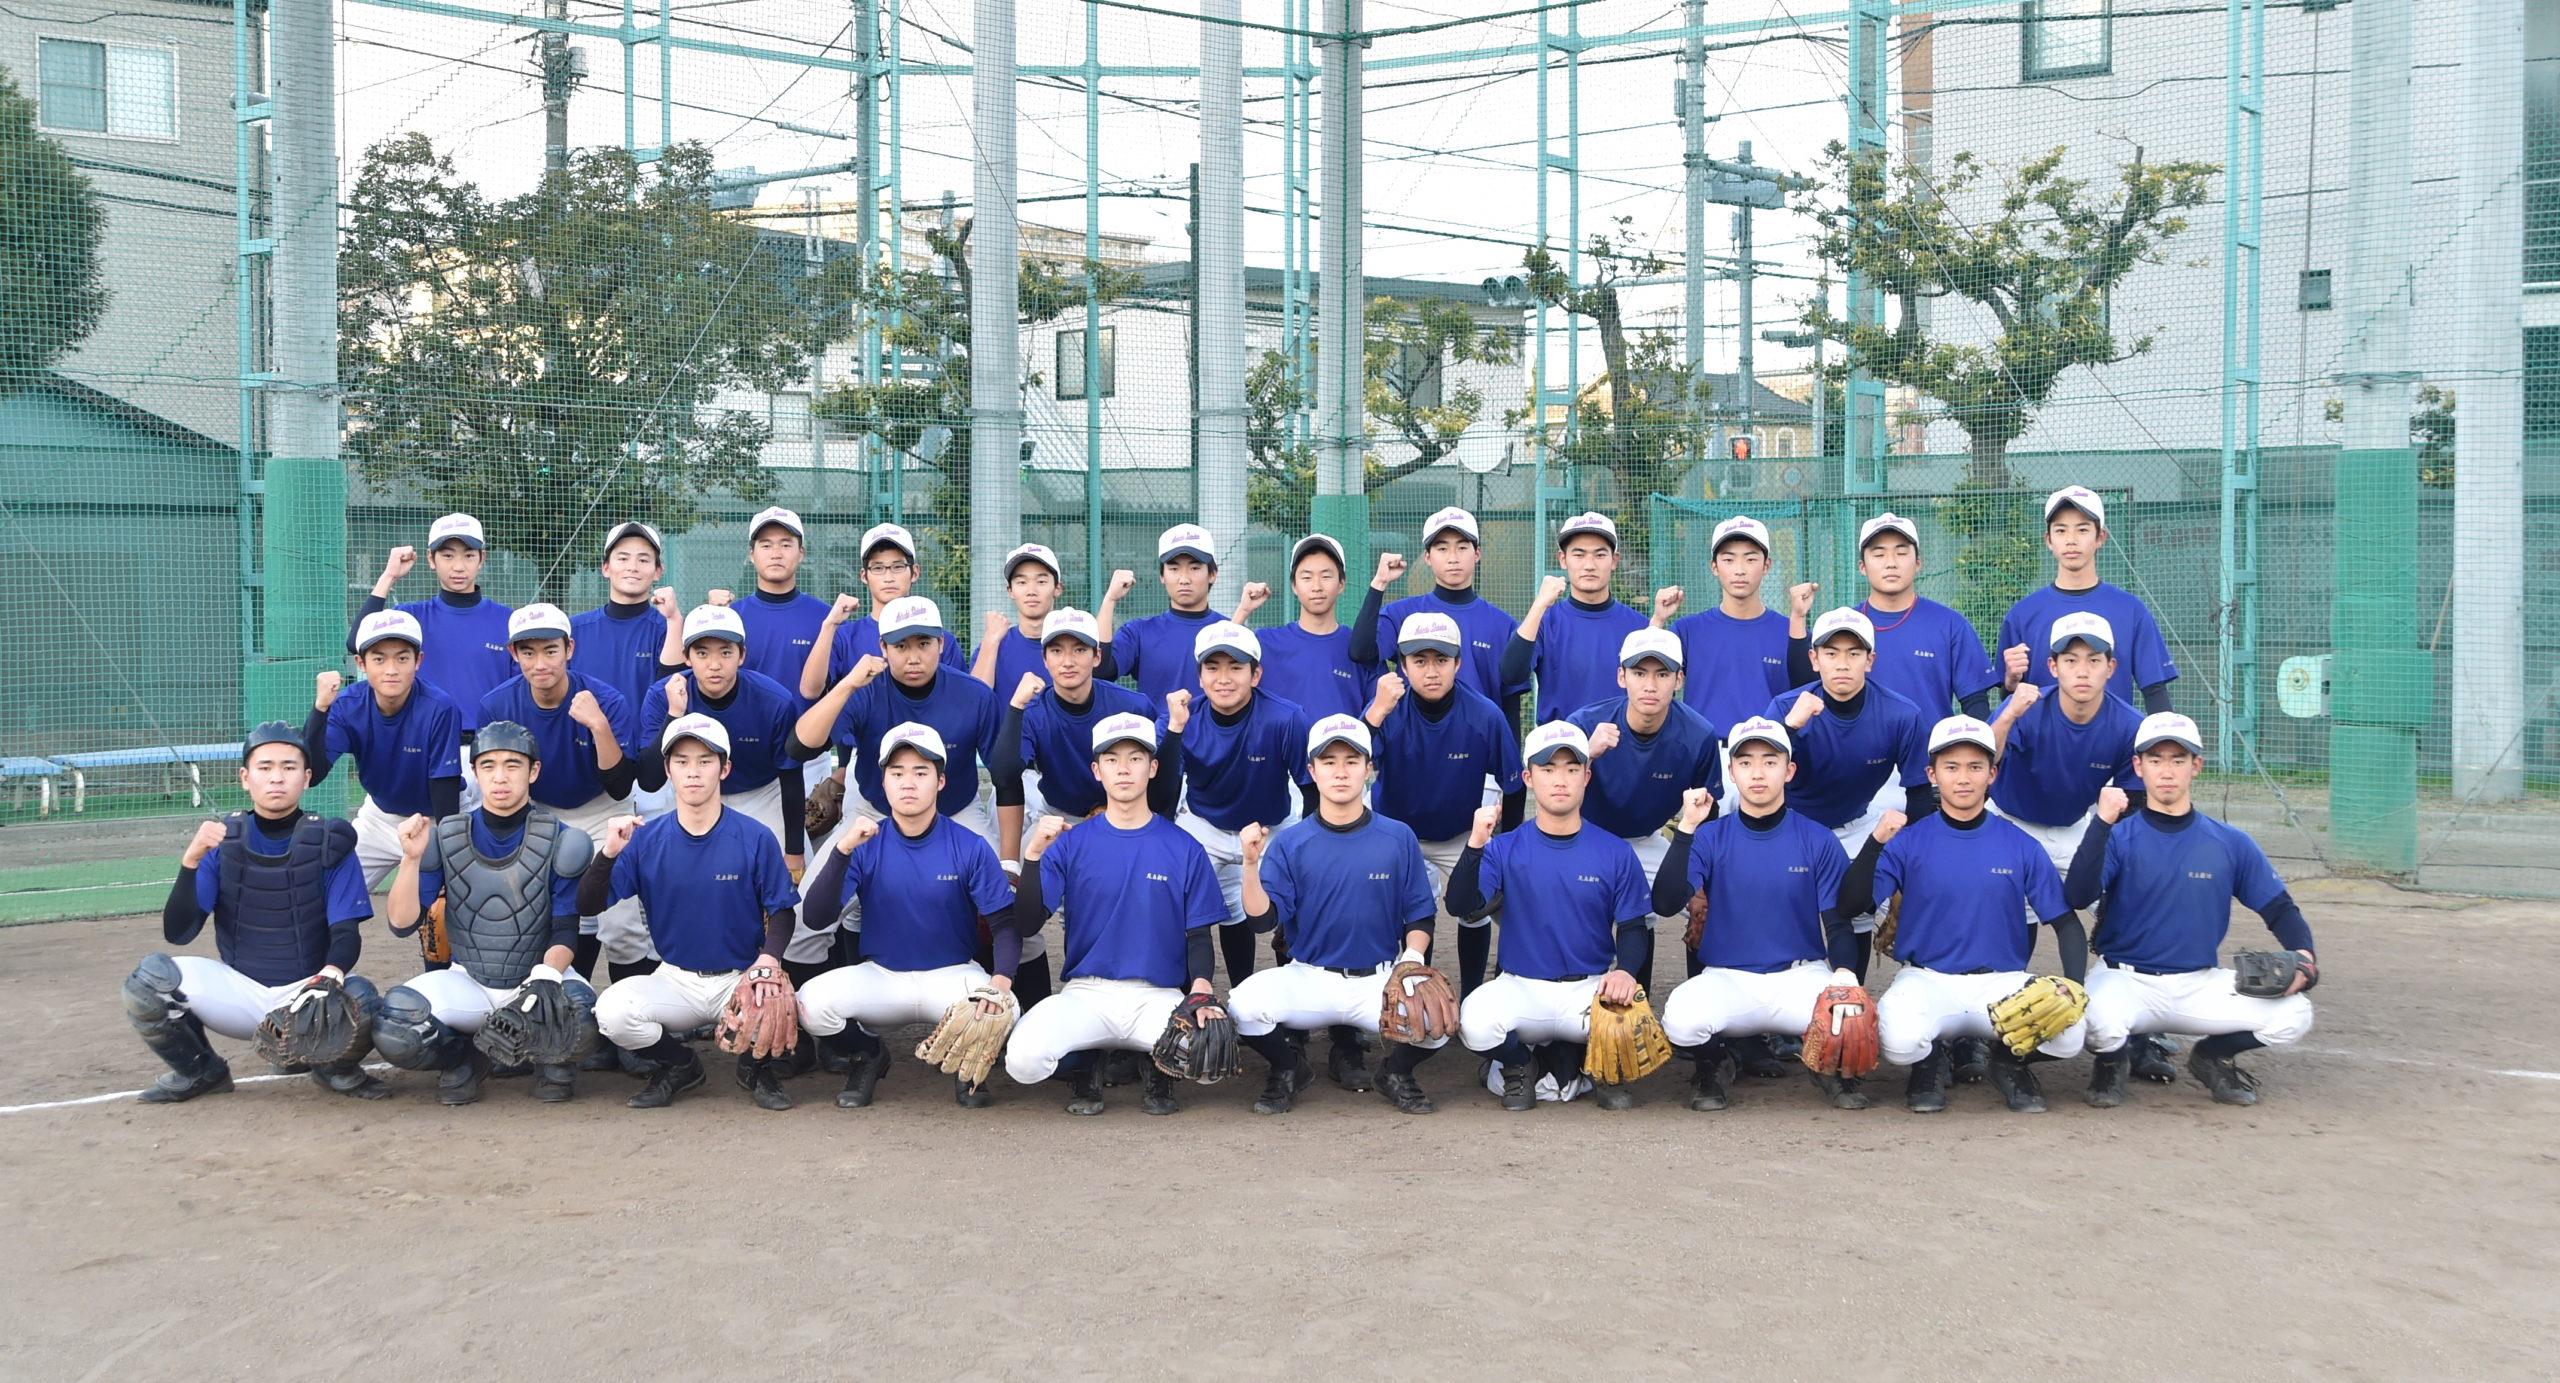 【足立新田 野球部】「無失策野球」 #足立新田